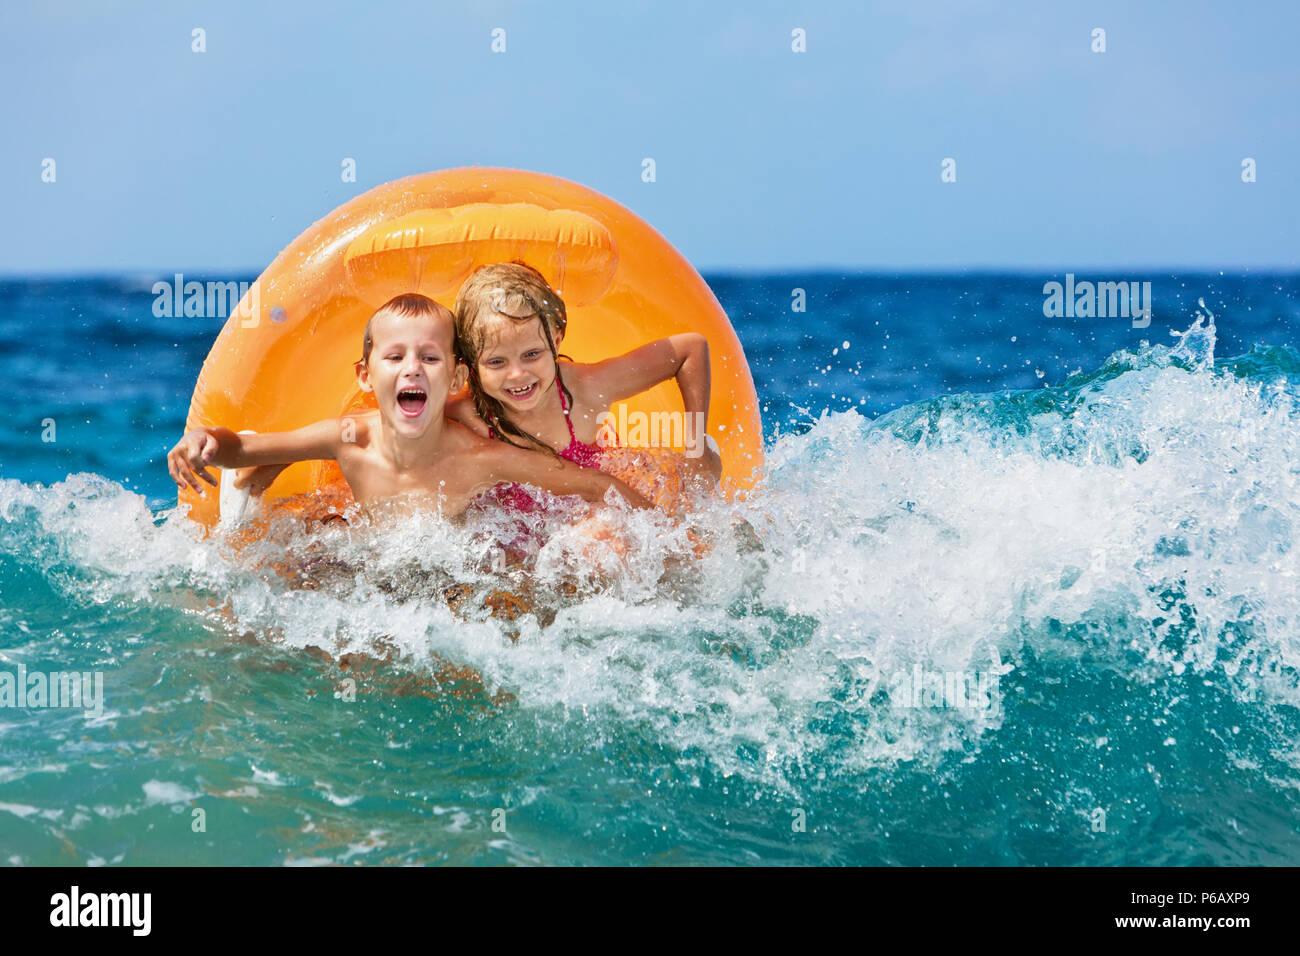 Felici i bambini si divertono in mare surf sulla spiaggia. Coppia gioiosa dei bambini su anello gonfiabile ride su onda. Lo stile di vita di viaggio, nuoto nei giorni festivi Immagini Stock